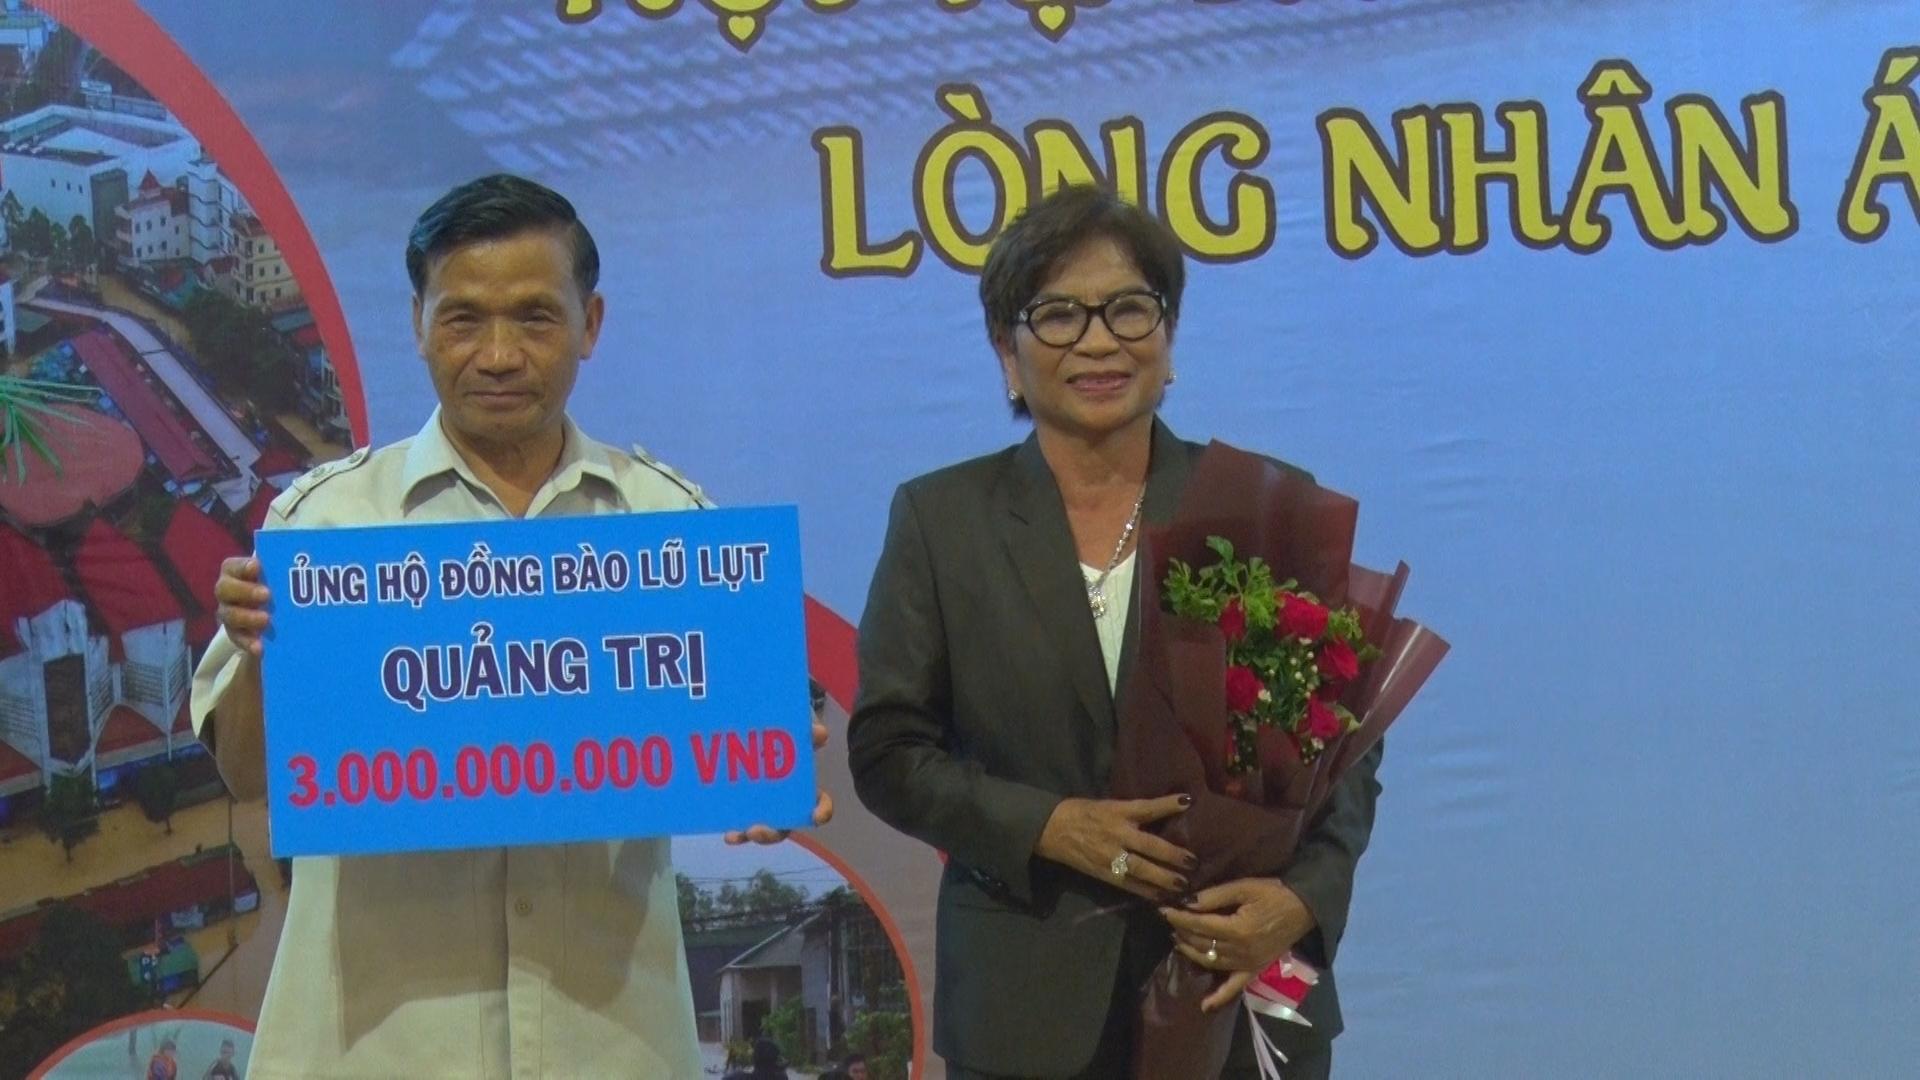 Công ty TNHH Thương mại vận tải và Du lịch Xuyên Việt Oil đóng góp ủng hộ quê hương Quảng Trị 3 tỉ đồng -Ảnh: T.H